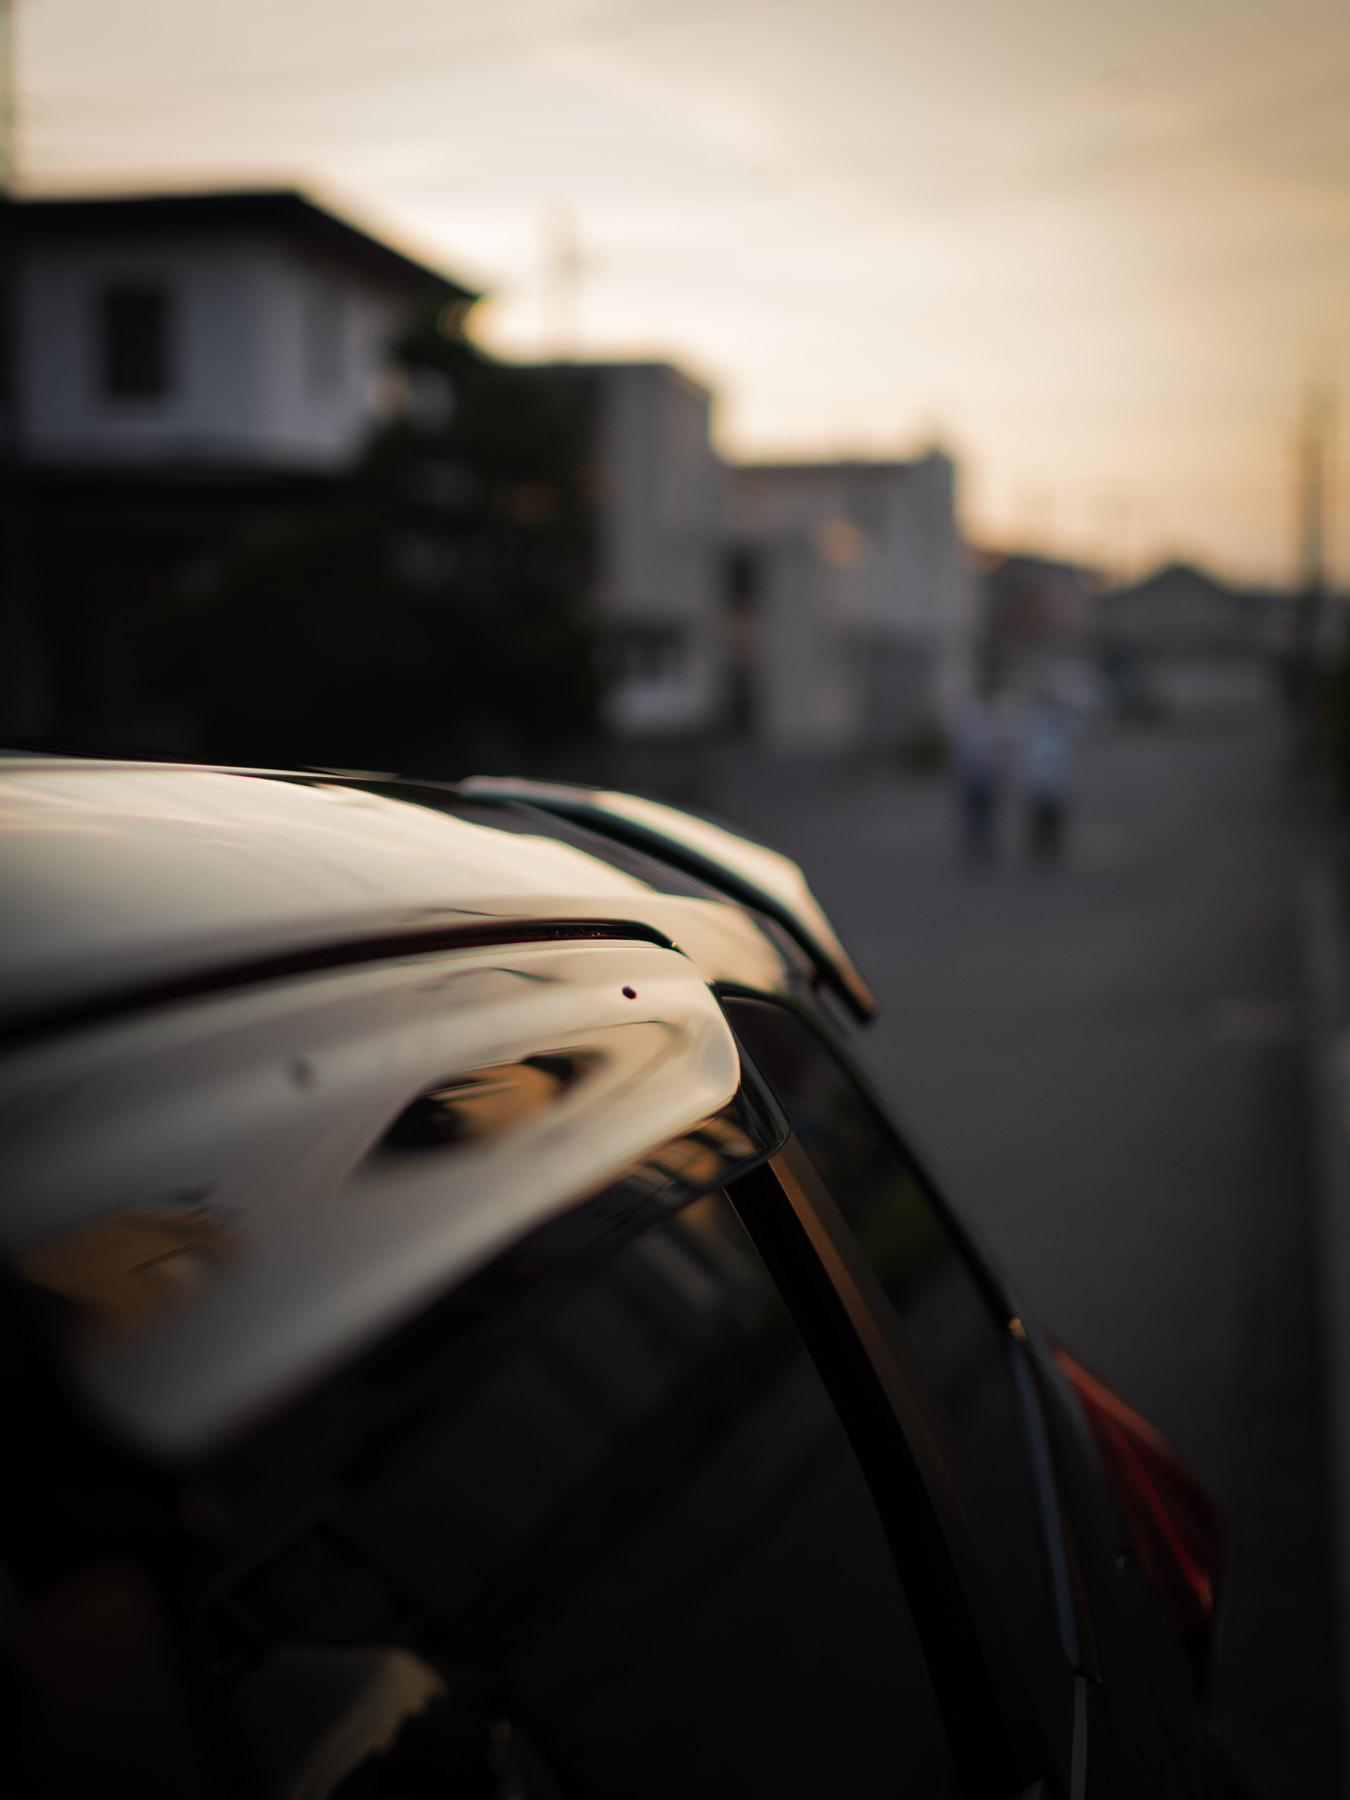 車のルーフに映る夕暮れのシルエット